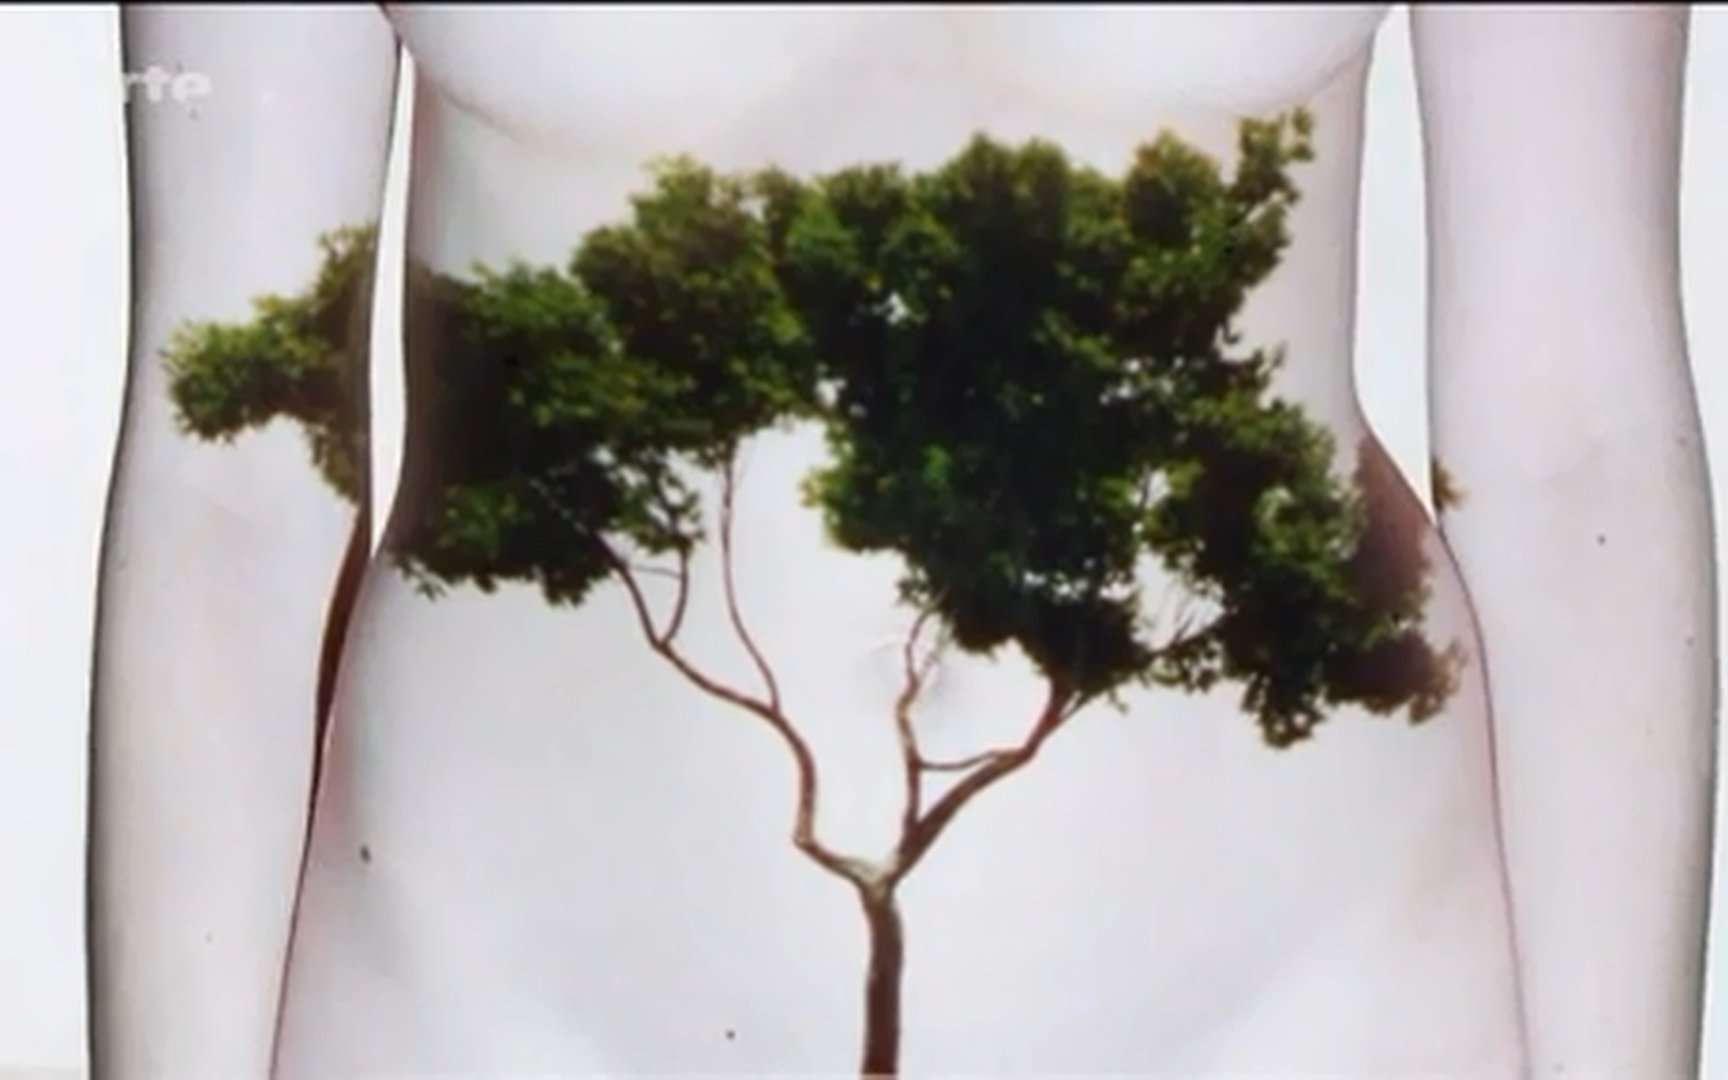 Avec sa flore intestinale, l'organisme humain est l'écosystème le plus dense de la planète. « Nous nous croyions isolés du reste du monde, des forêts, des océans. En réalité, nous avons en nous cette flore bactérienne, qui existe aussi en dehors de nous. Nous baignons dans un écosystème bactérien qui nous pénètre et qui fait partie de nous. » Pierre-Henri Gouyon, du Muséum national d'histoire naturelle, un des intervenants de ce documentaire. © Arte France - Inserm – Scientifilms - 2013